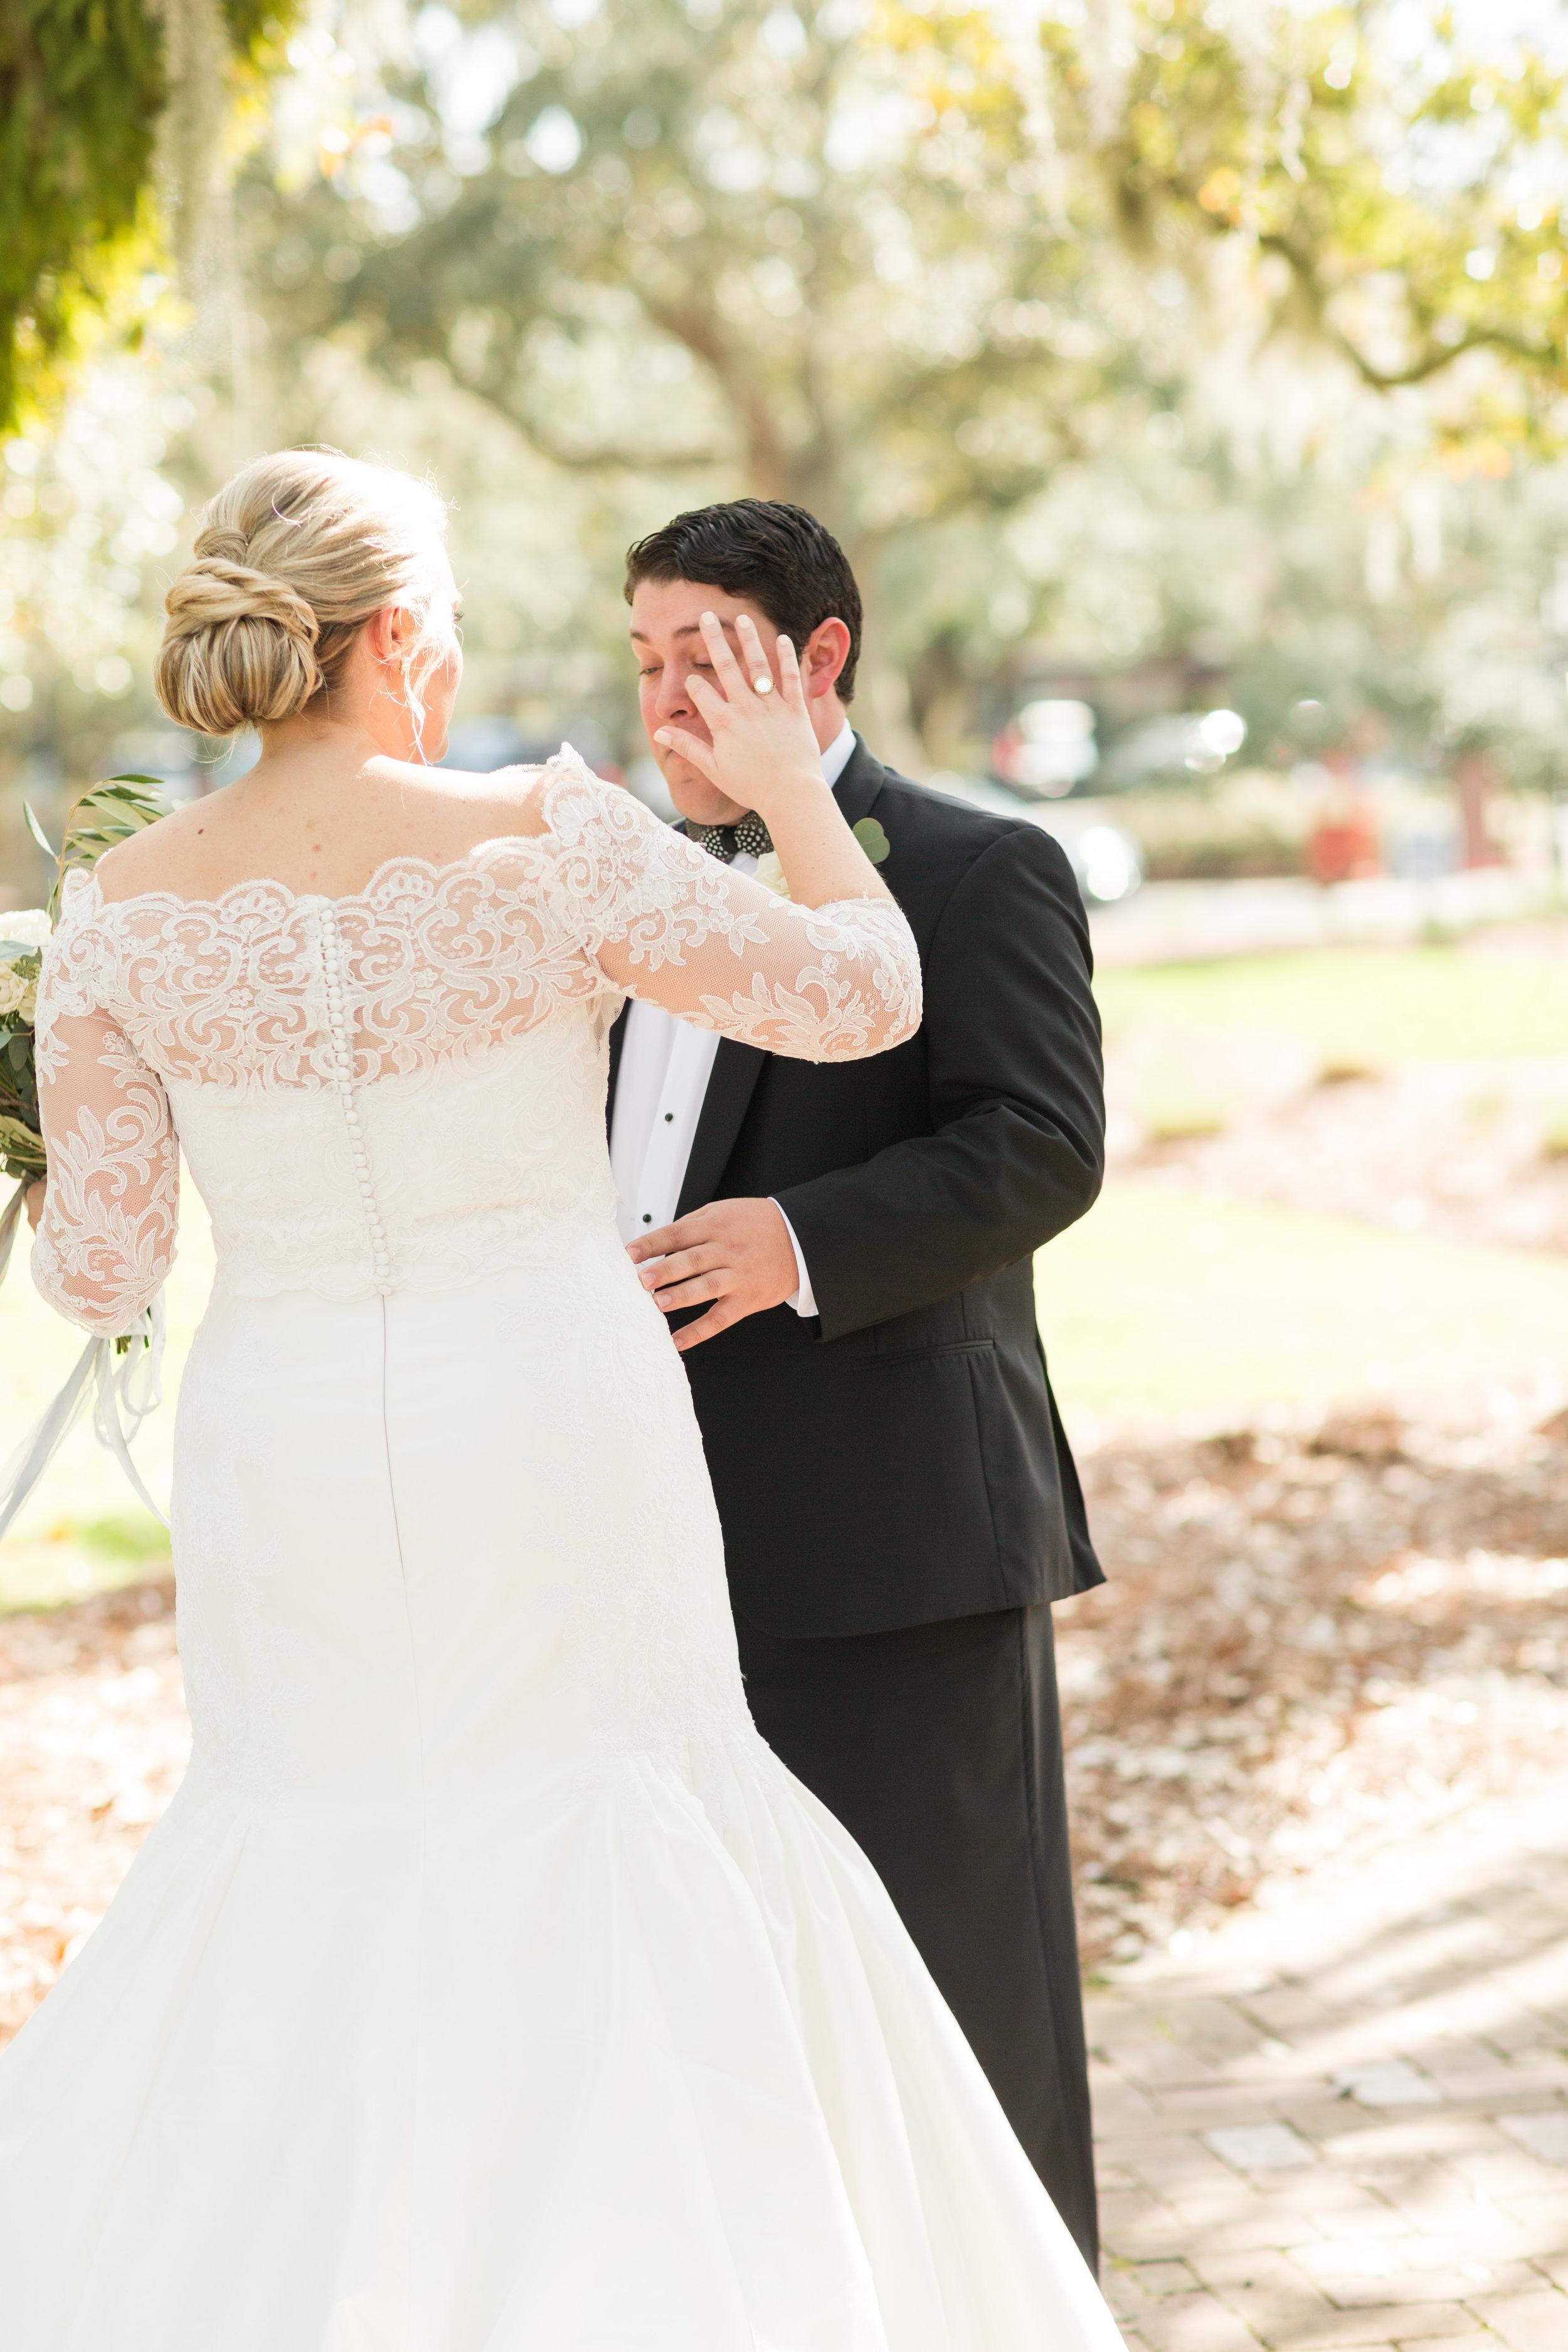 0191-Katie-Trent-Wedding-20471.jpg